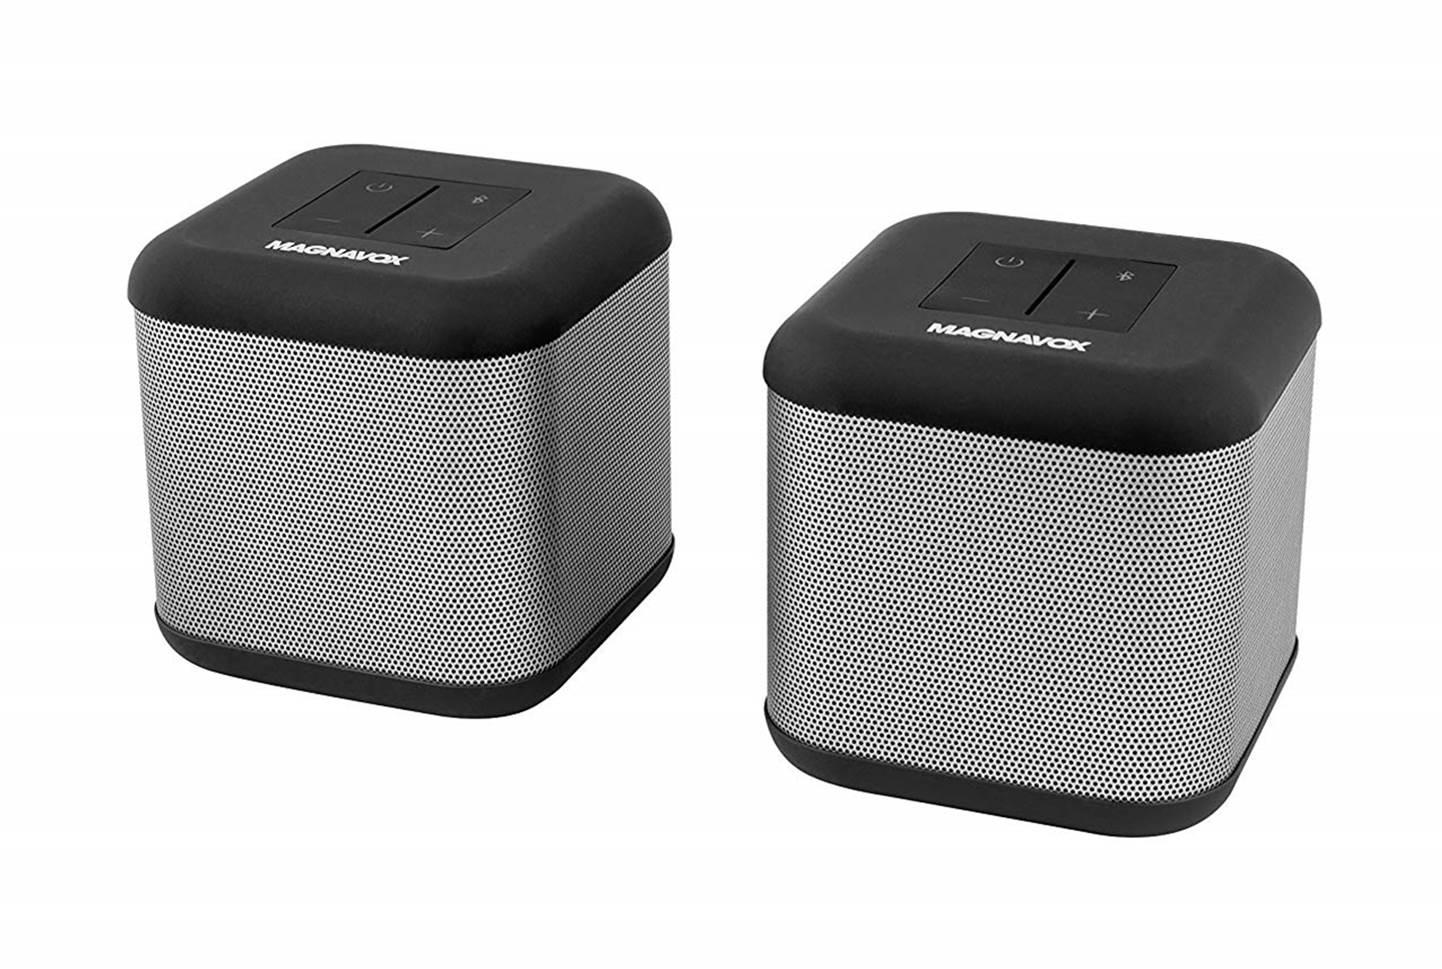 Magnavox MMA3627 Bluetooth Stereo Speakers